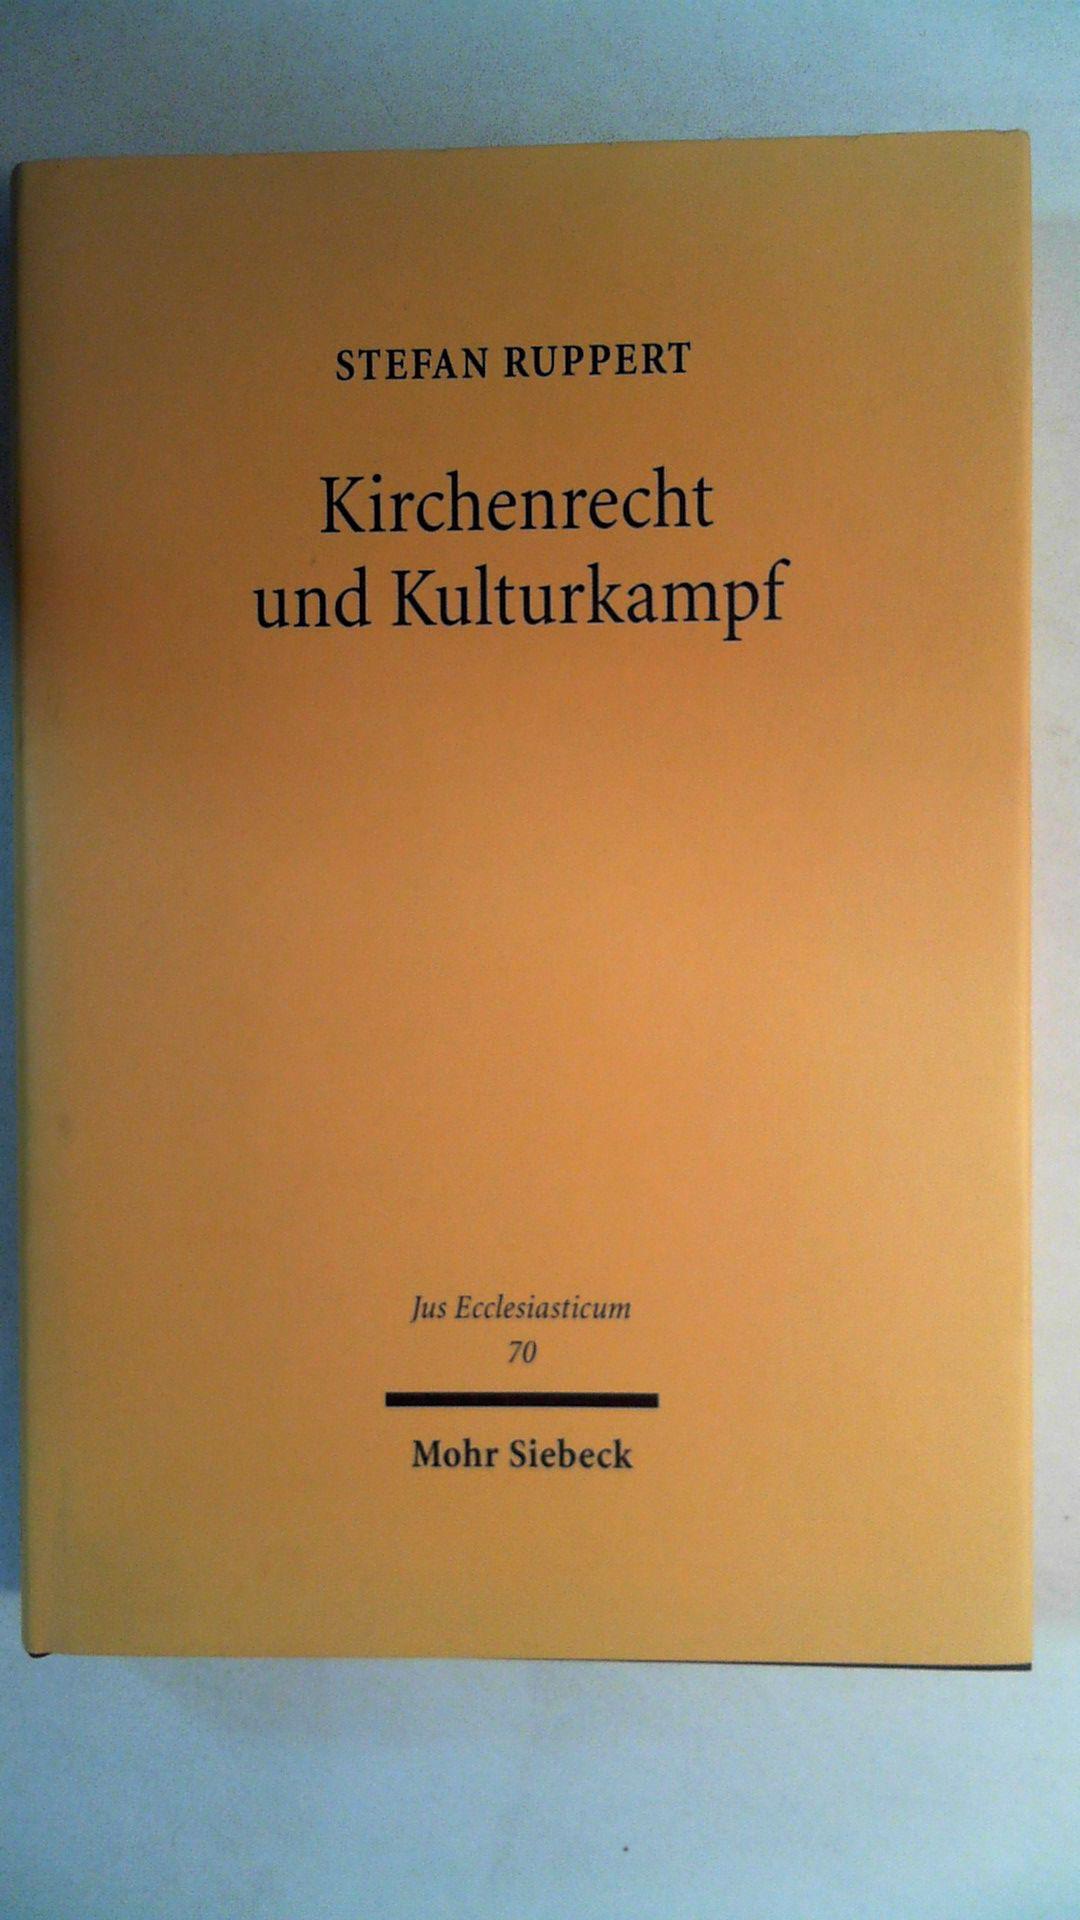 Kirchenrecht und Kulturkampf (Jus Ecclesiasticum, Band 70), - Ruppert, Stefan